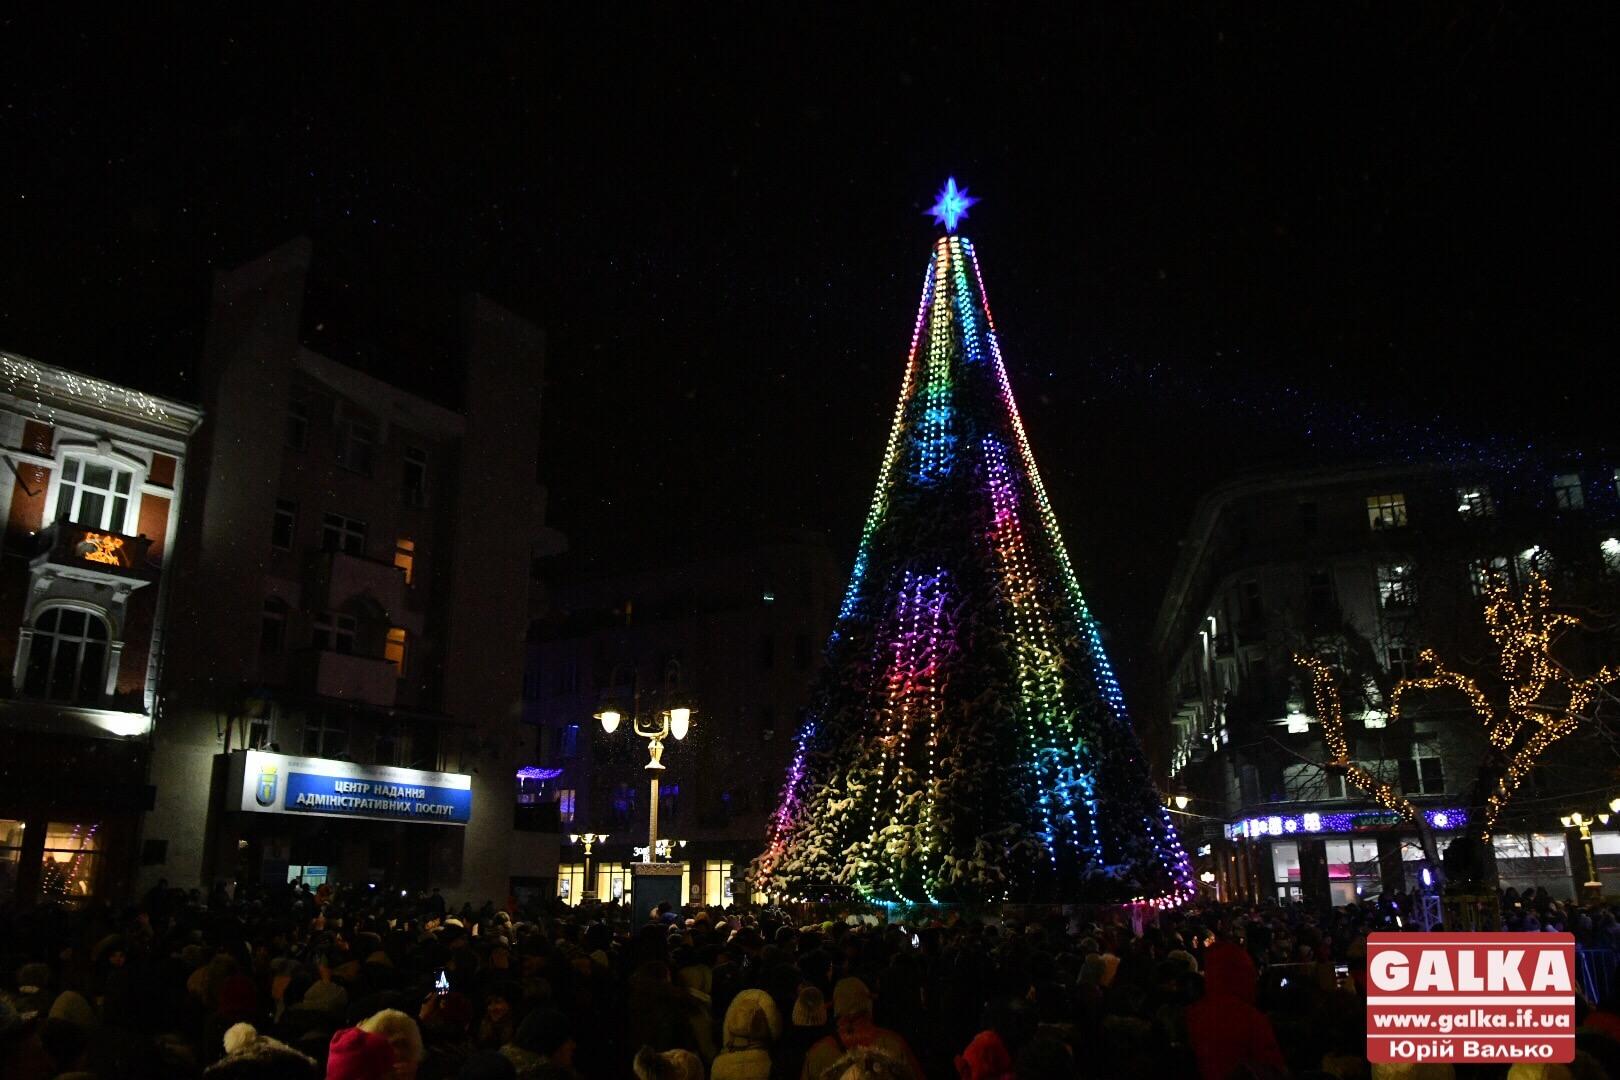 У центрі міста засяяла головна новорічна ялинка Івано-Франківська (ФОТО)